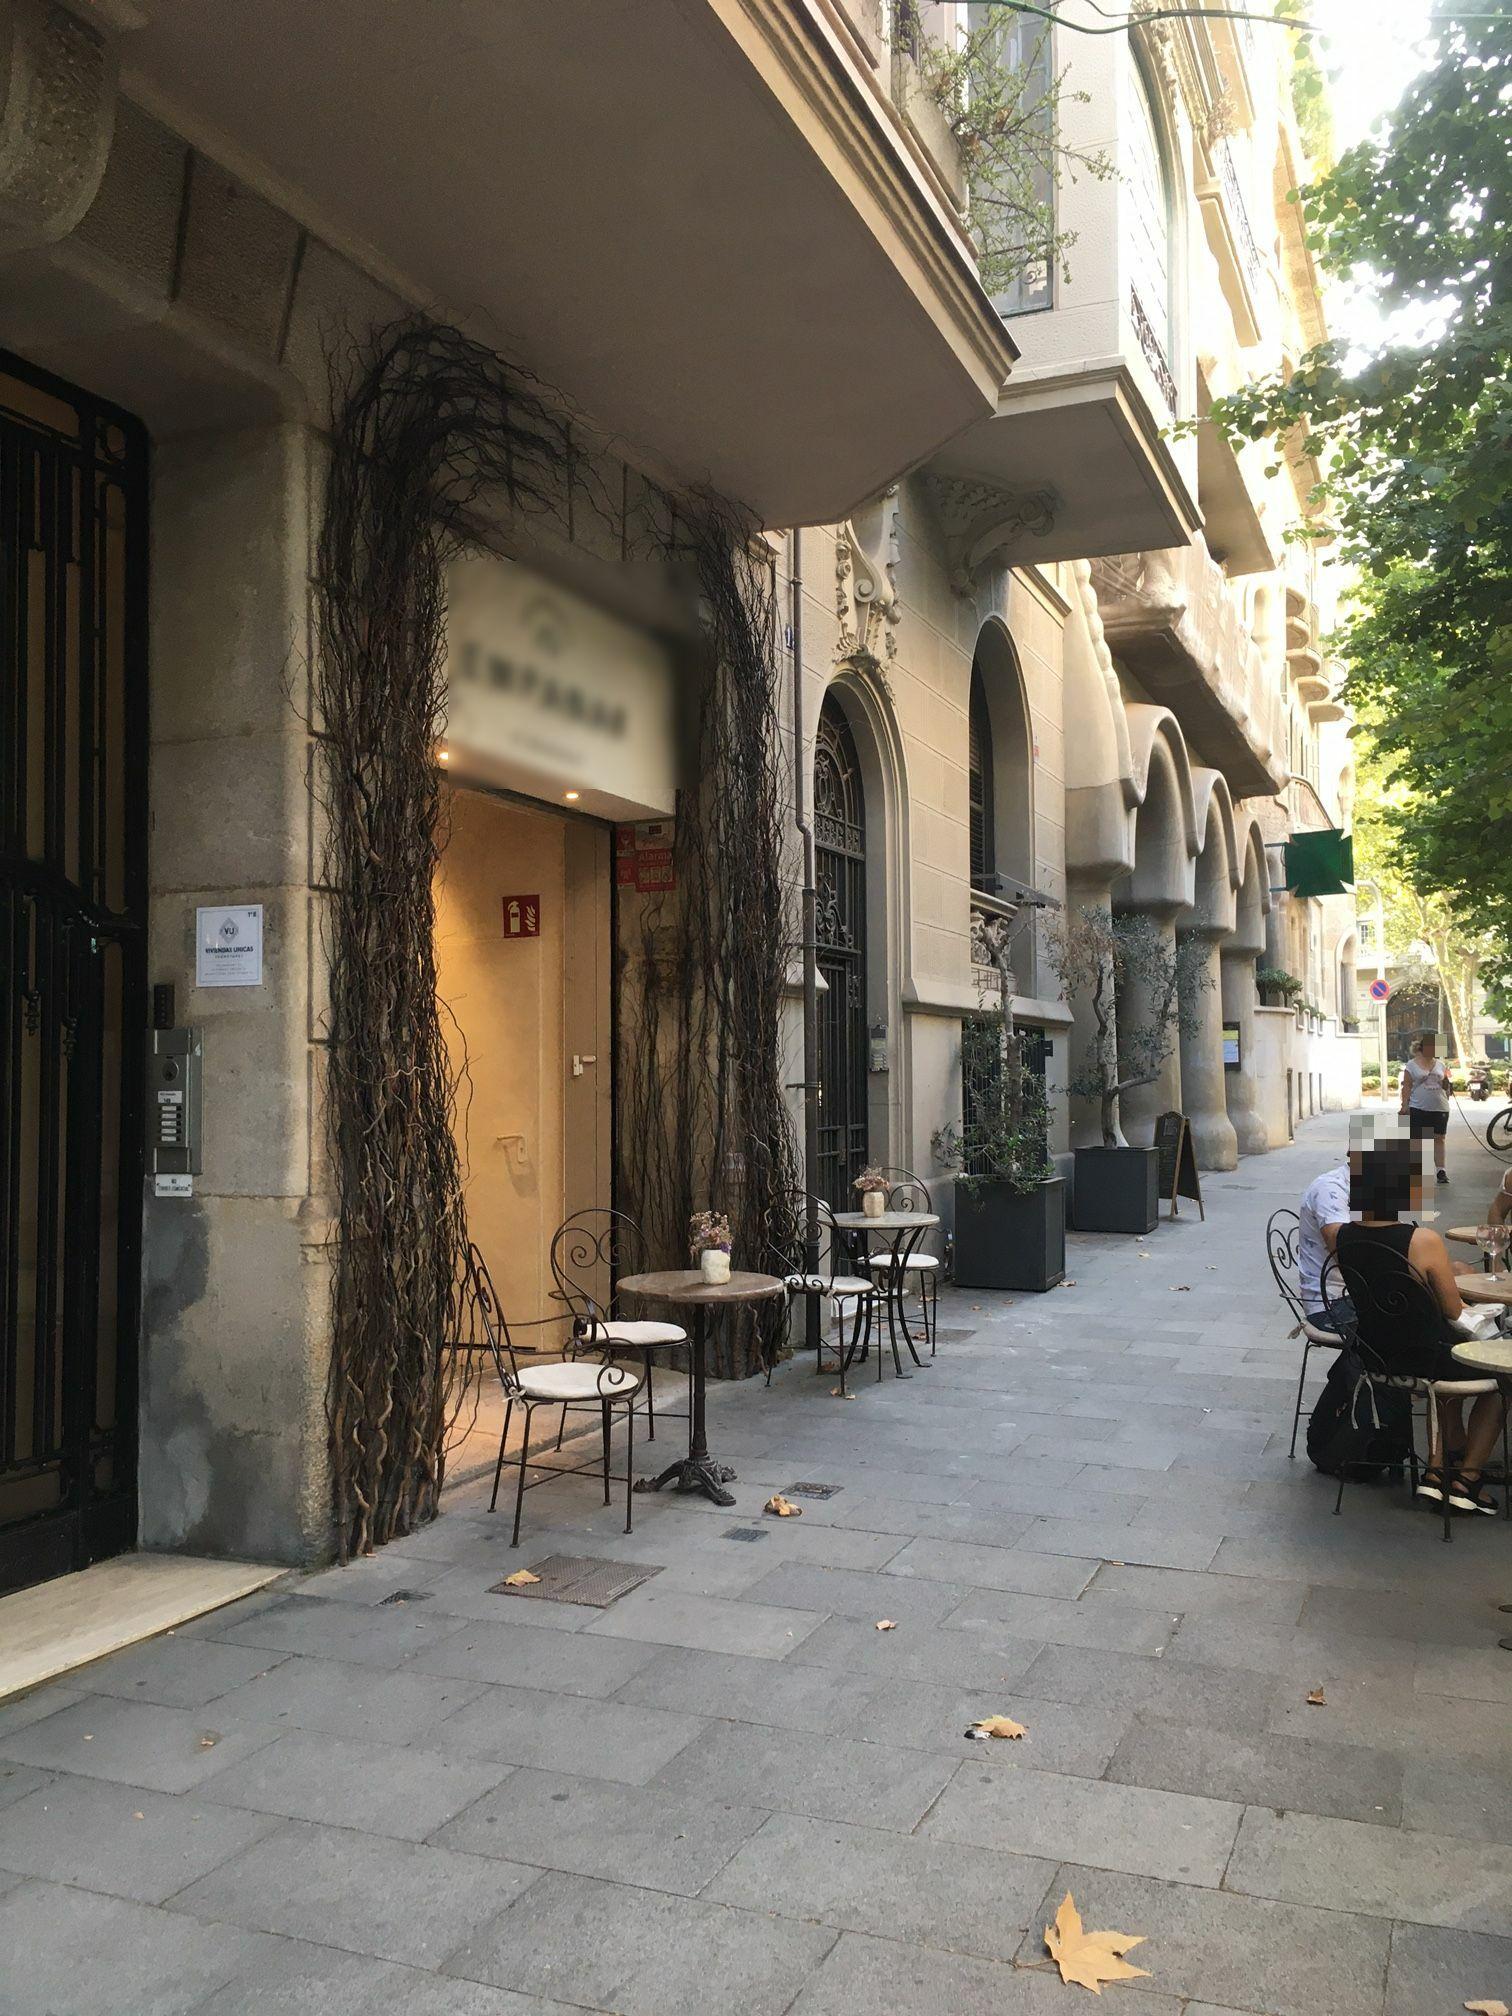 Enric Granados, 149 - taules a la façana, que surt gratis ...  !!